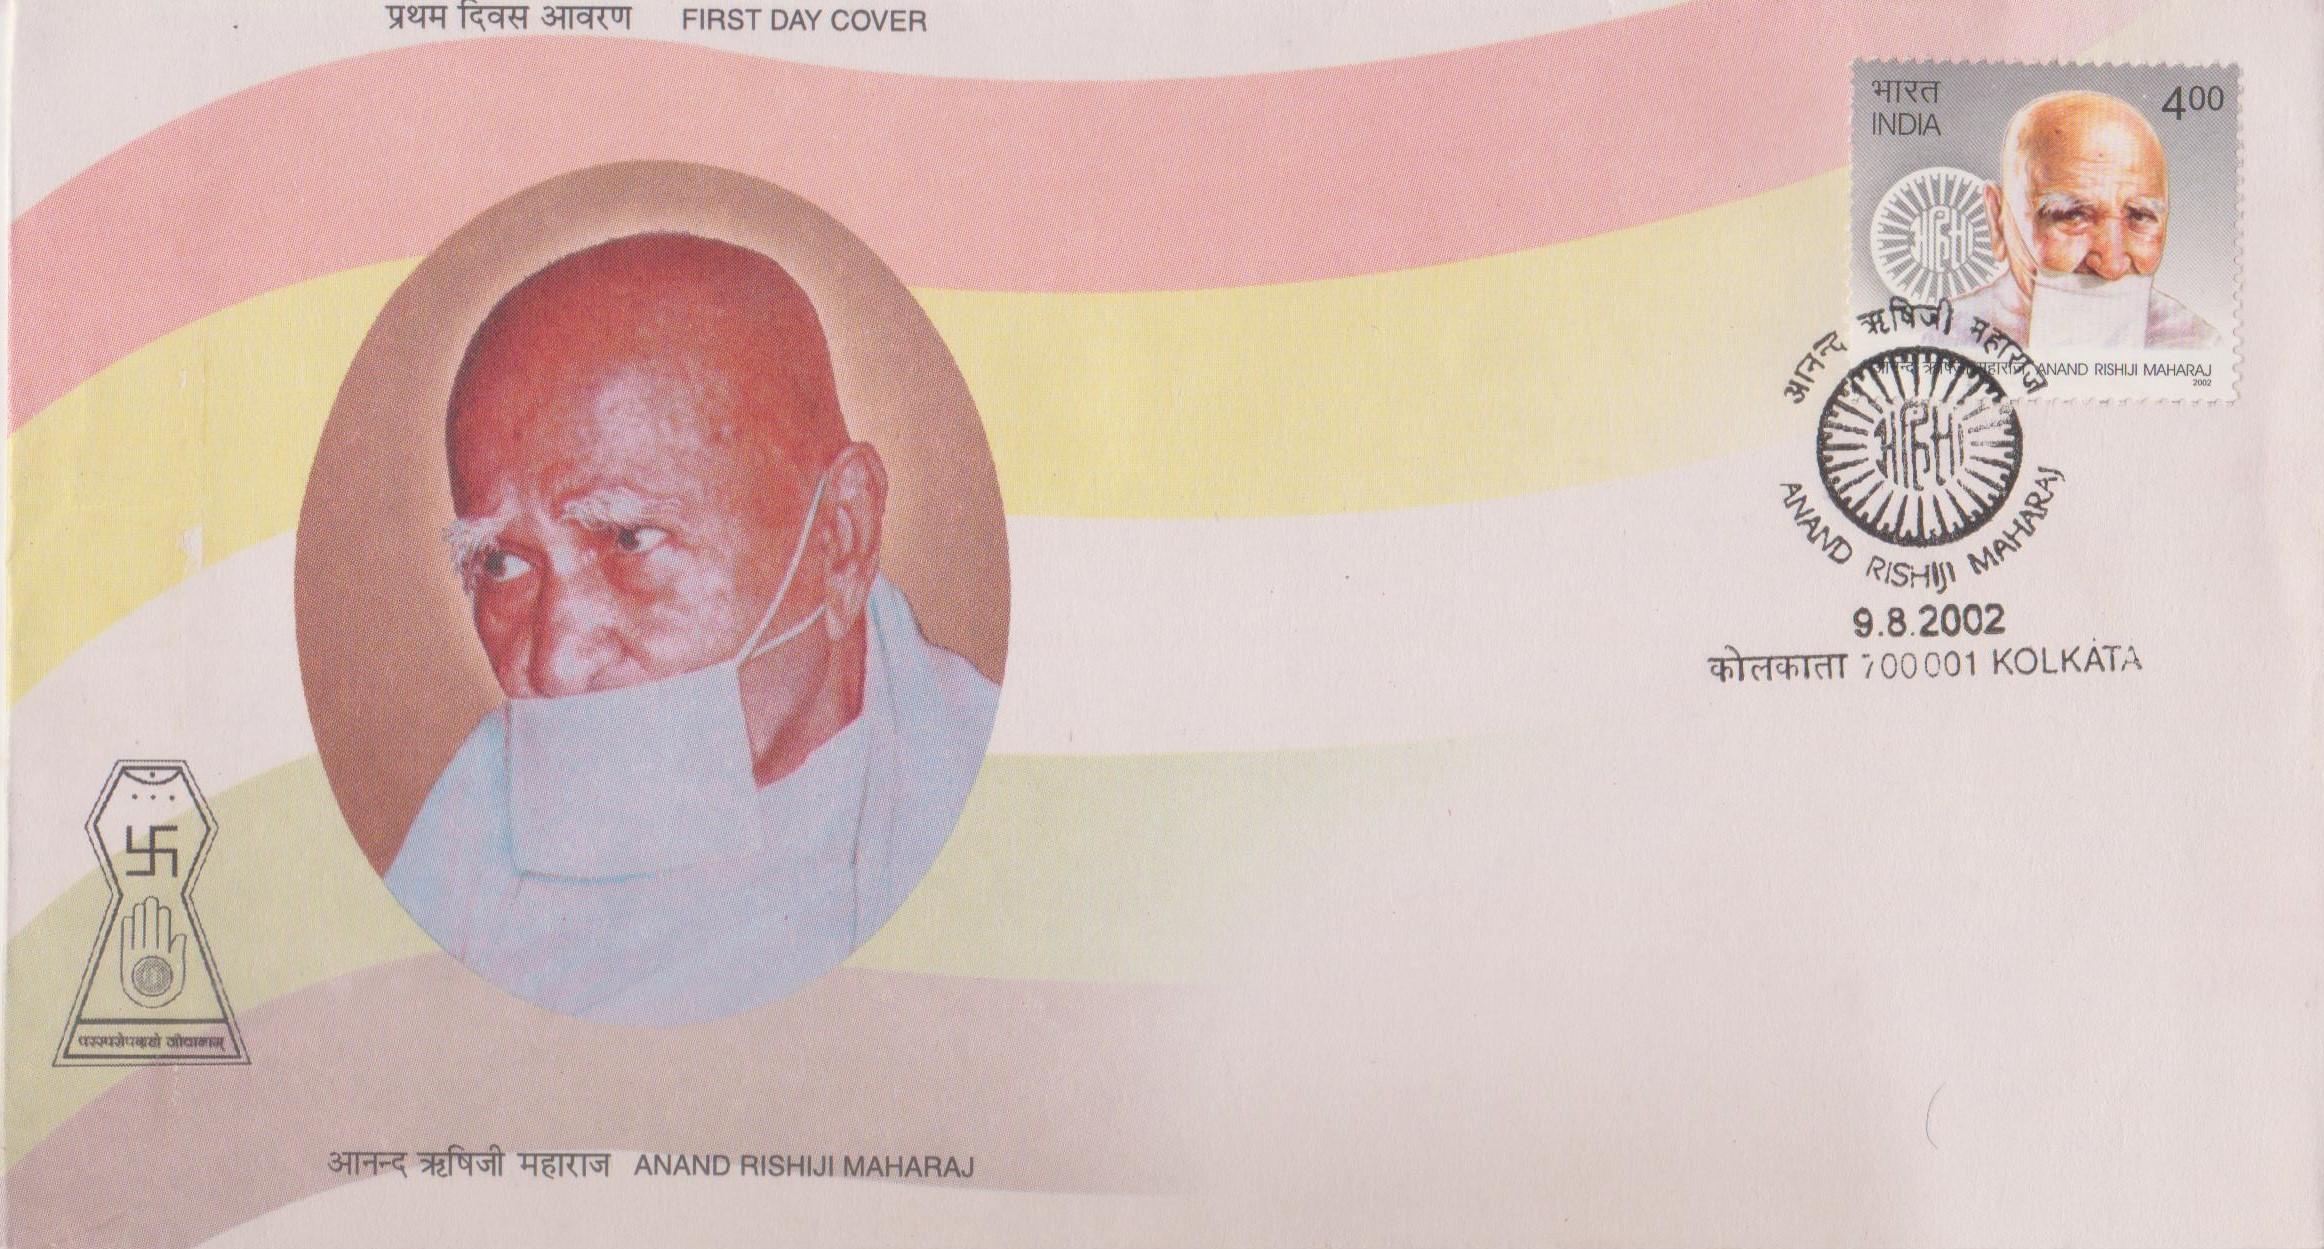 Vardhman Sthanakvasi Jain Shravak Sangh